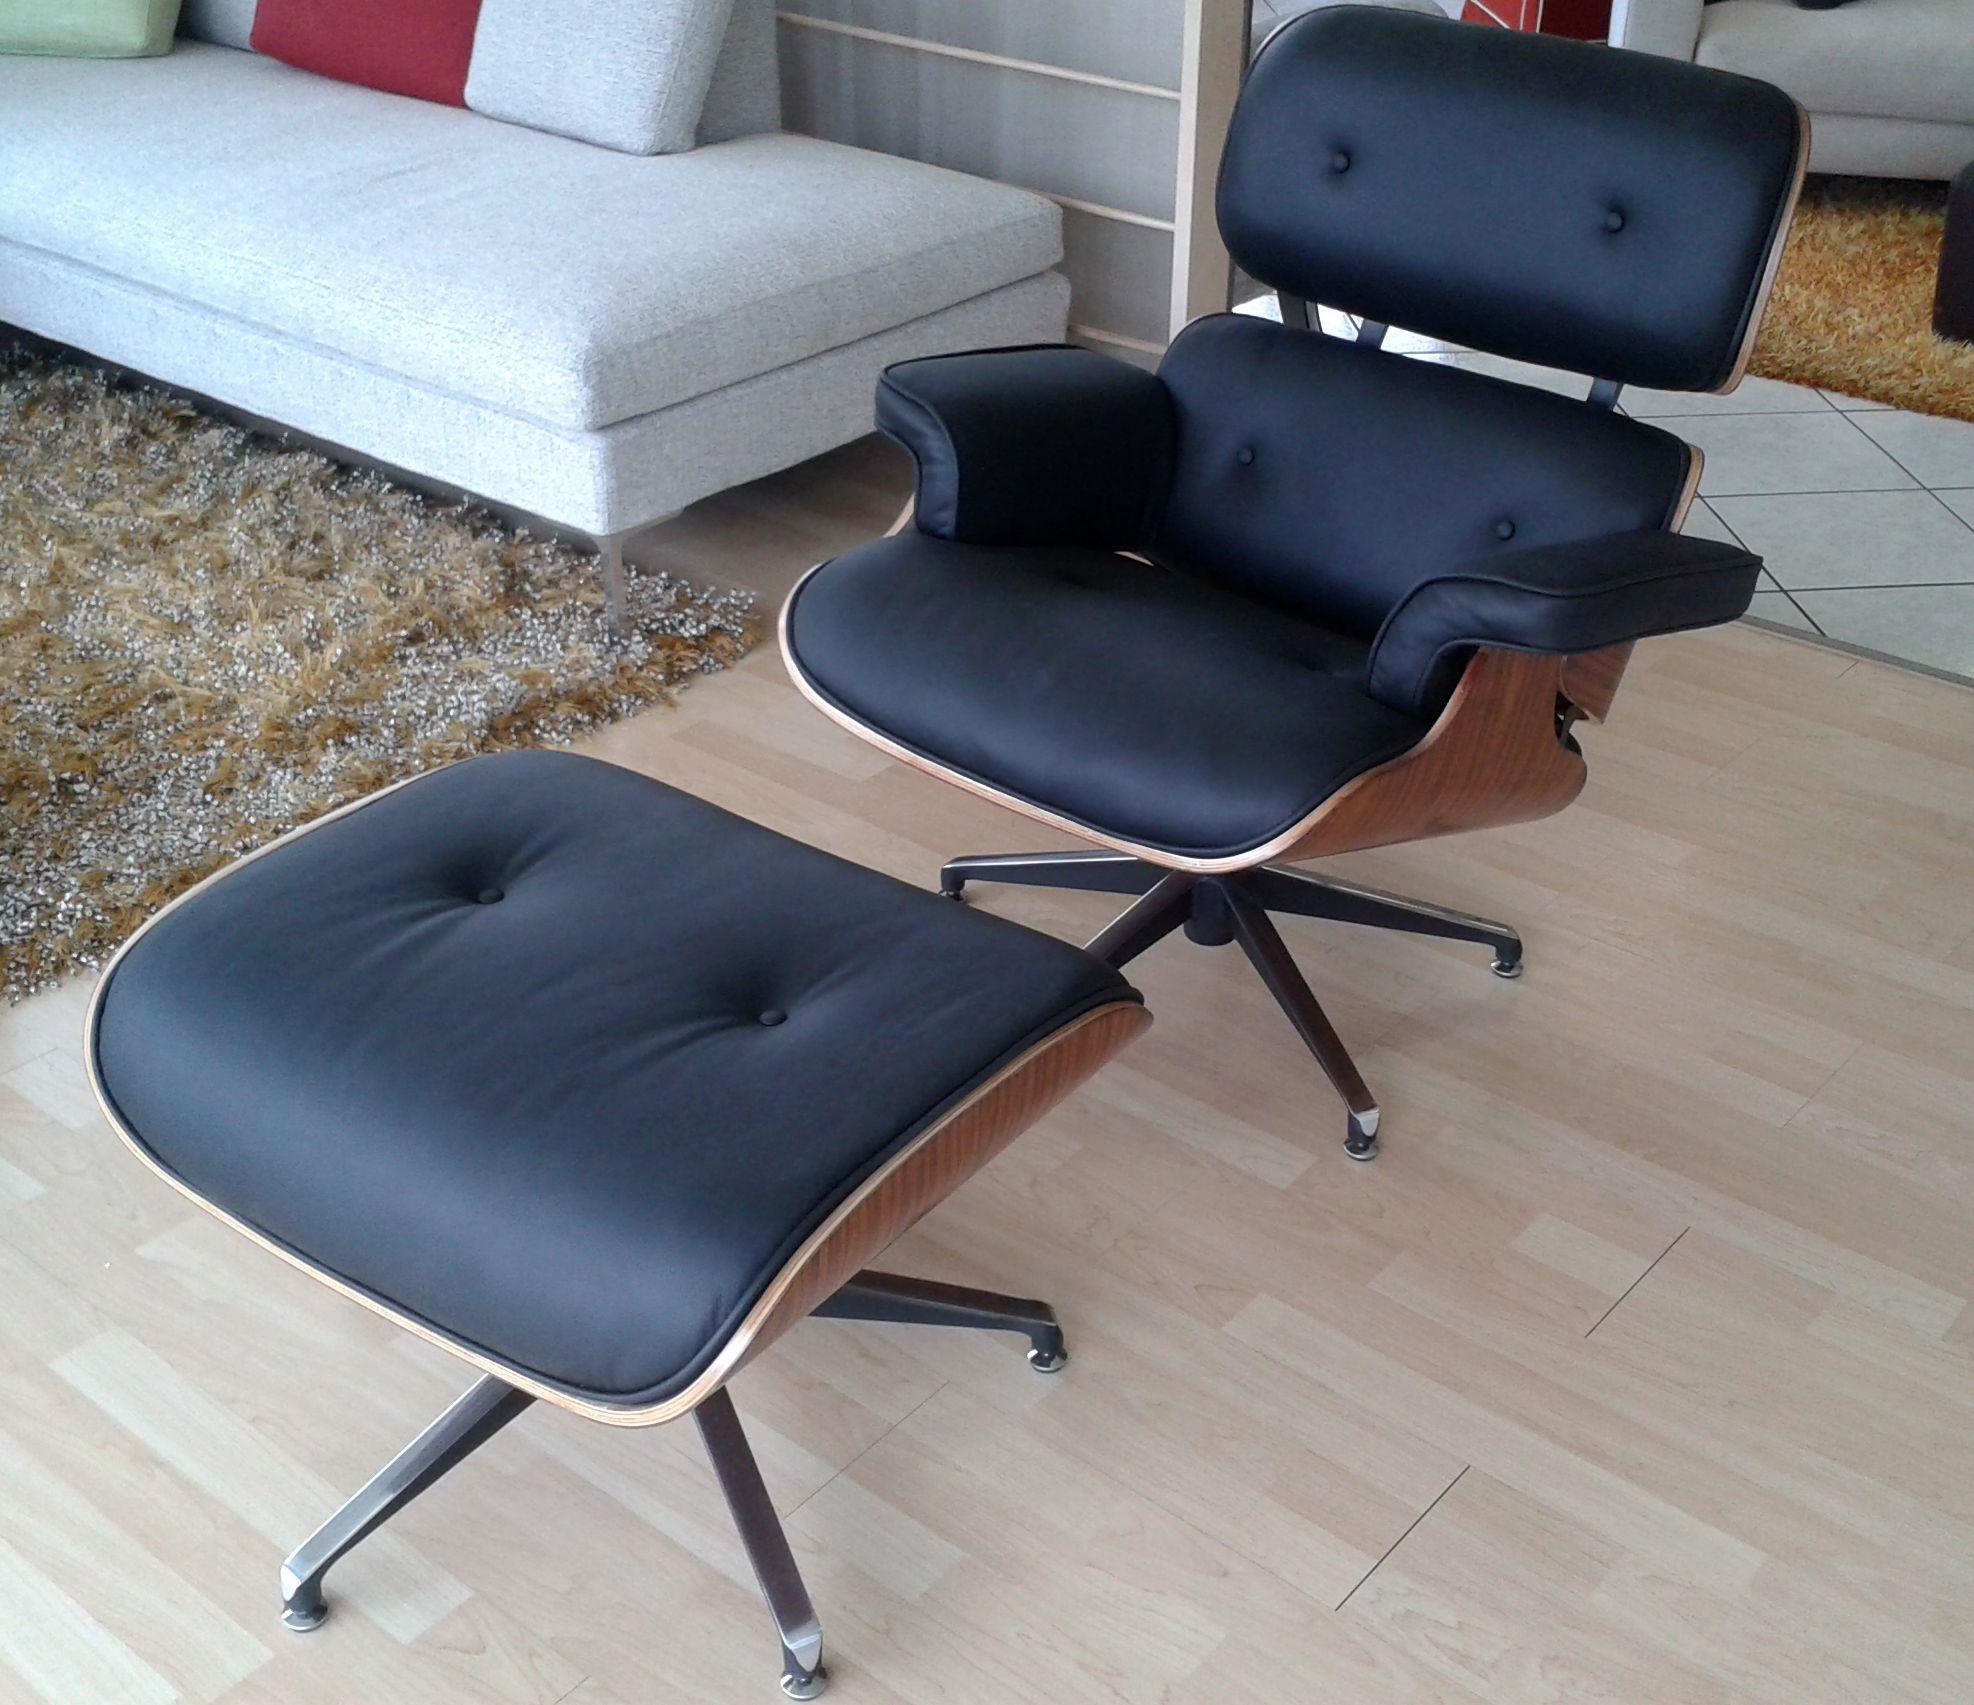 Poltrona Le Corbusier Prezzo. Sedia Le Corbusier Lc Prezzo Aihome ...